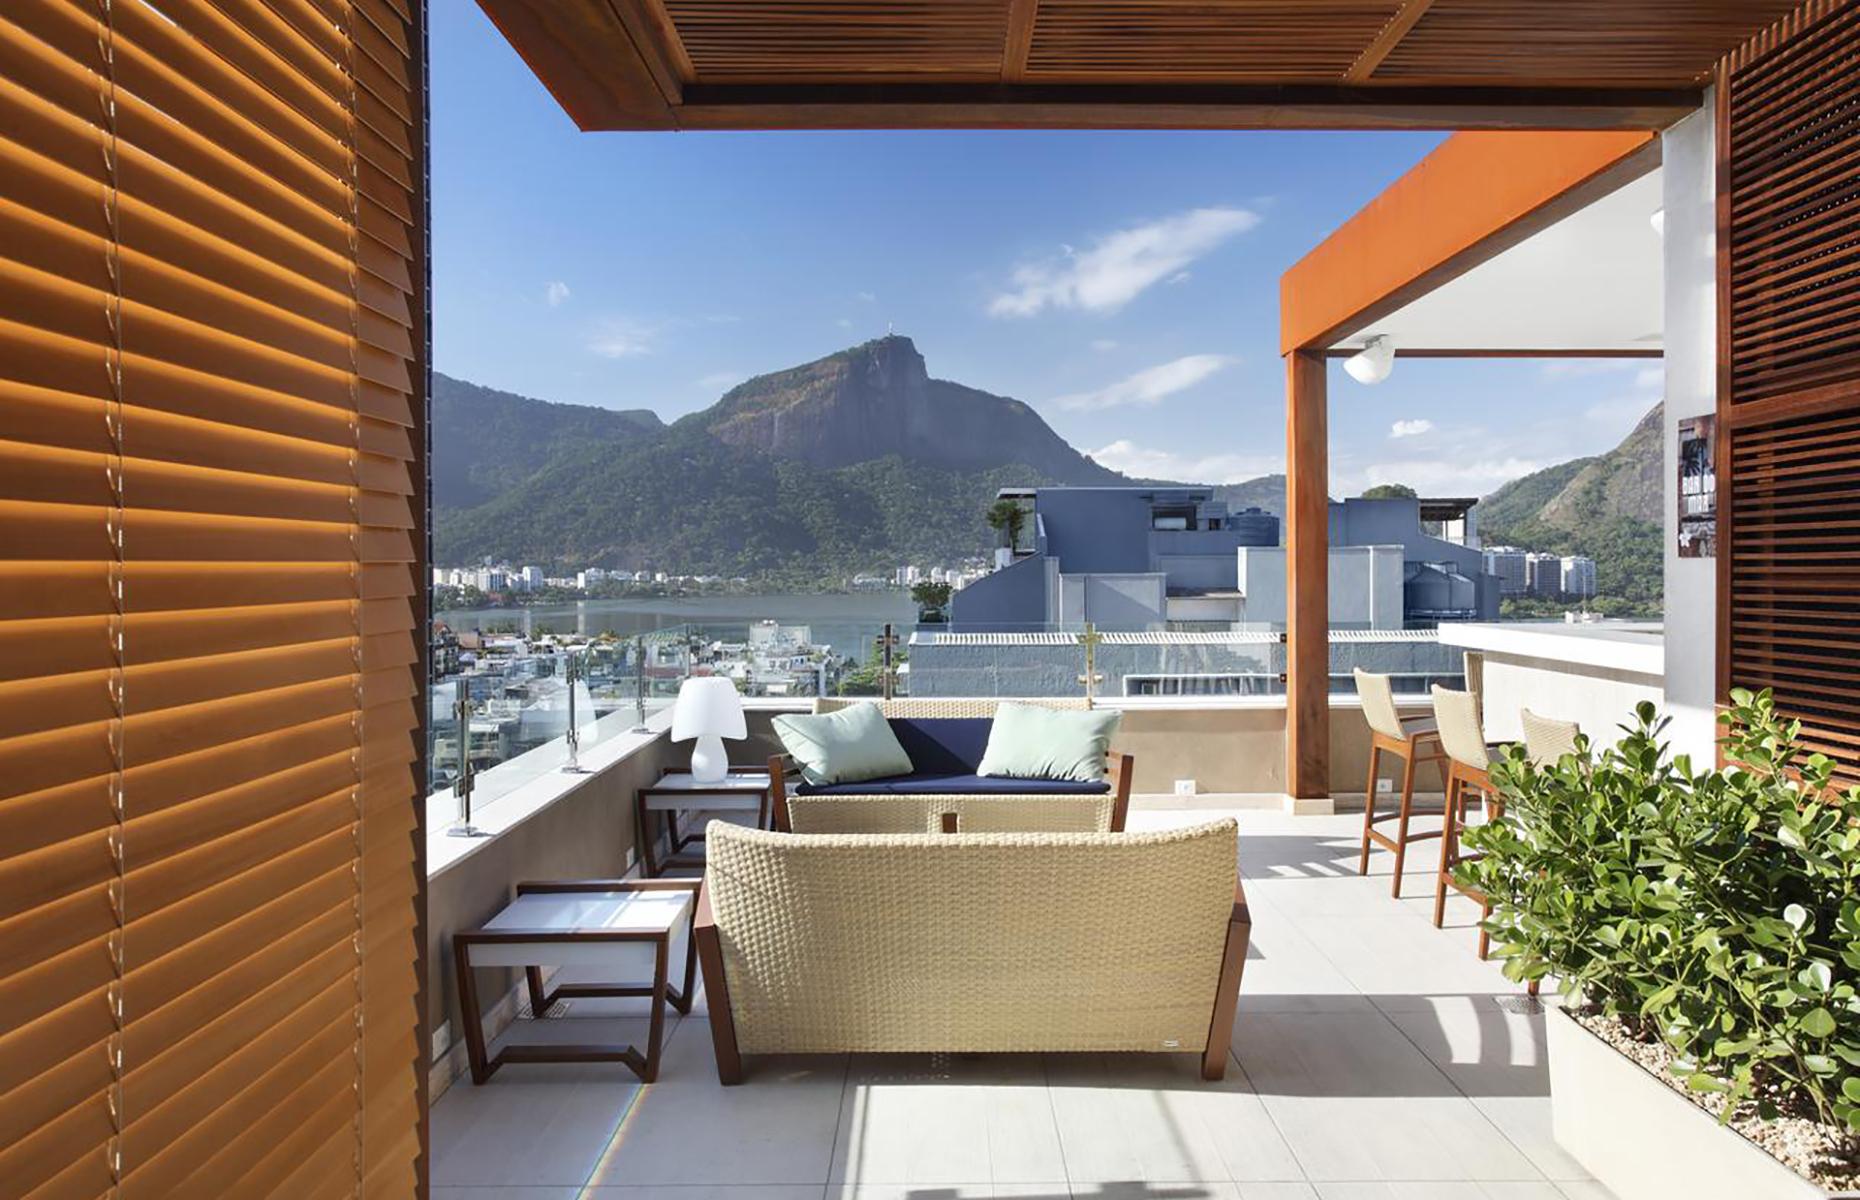 Mar Ipanema Hotel